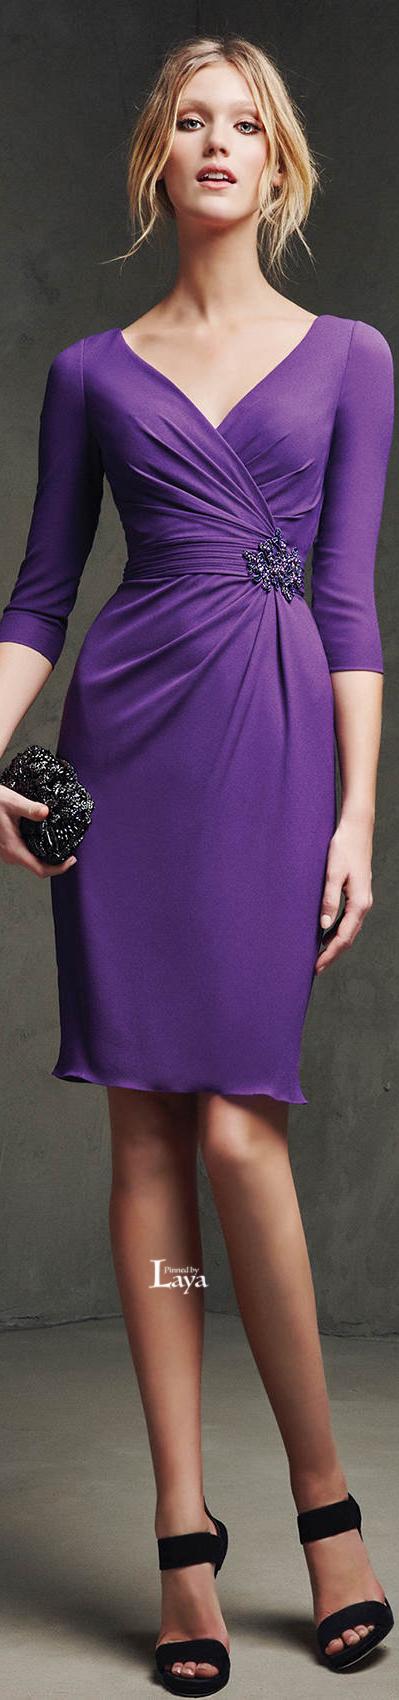 Pronovias 2016 Cocktail Dresses | modas | Pinterest | Negro ...